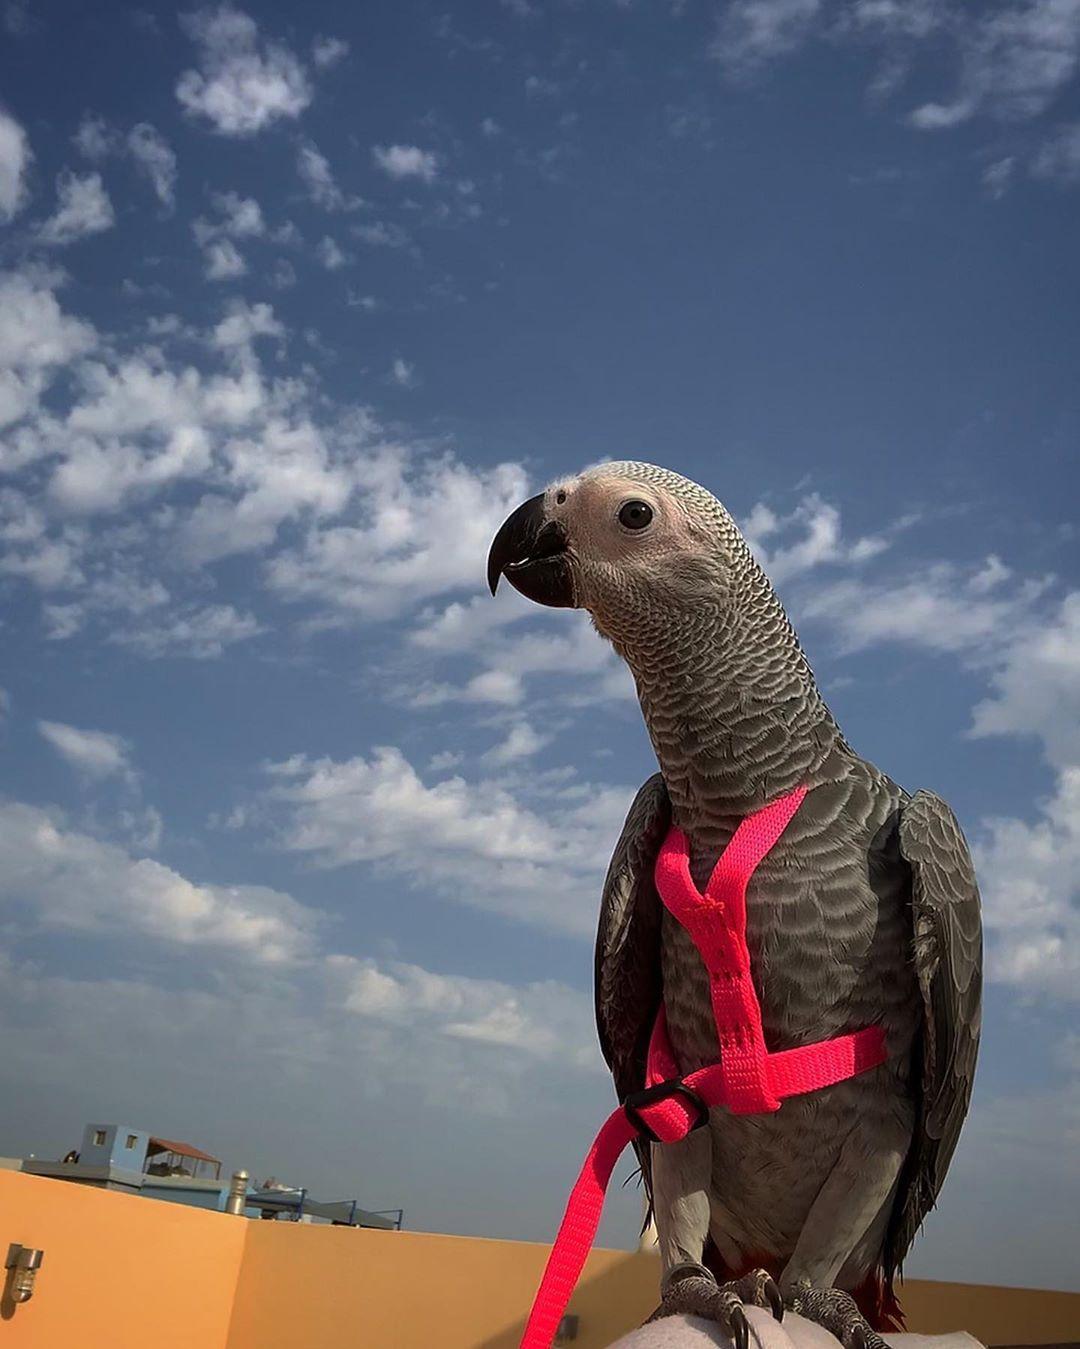 شي مختصر معناه إنت السعادة حلوة الحياة وياك والدنيا جنة طيور ببغاء طيور الحب Parrots Birdlover Birds Bird Love Parrot Animals